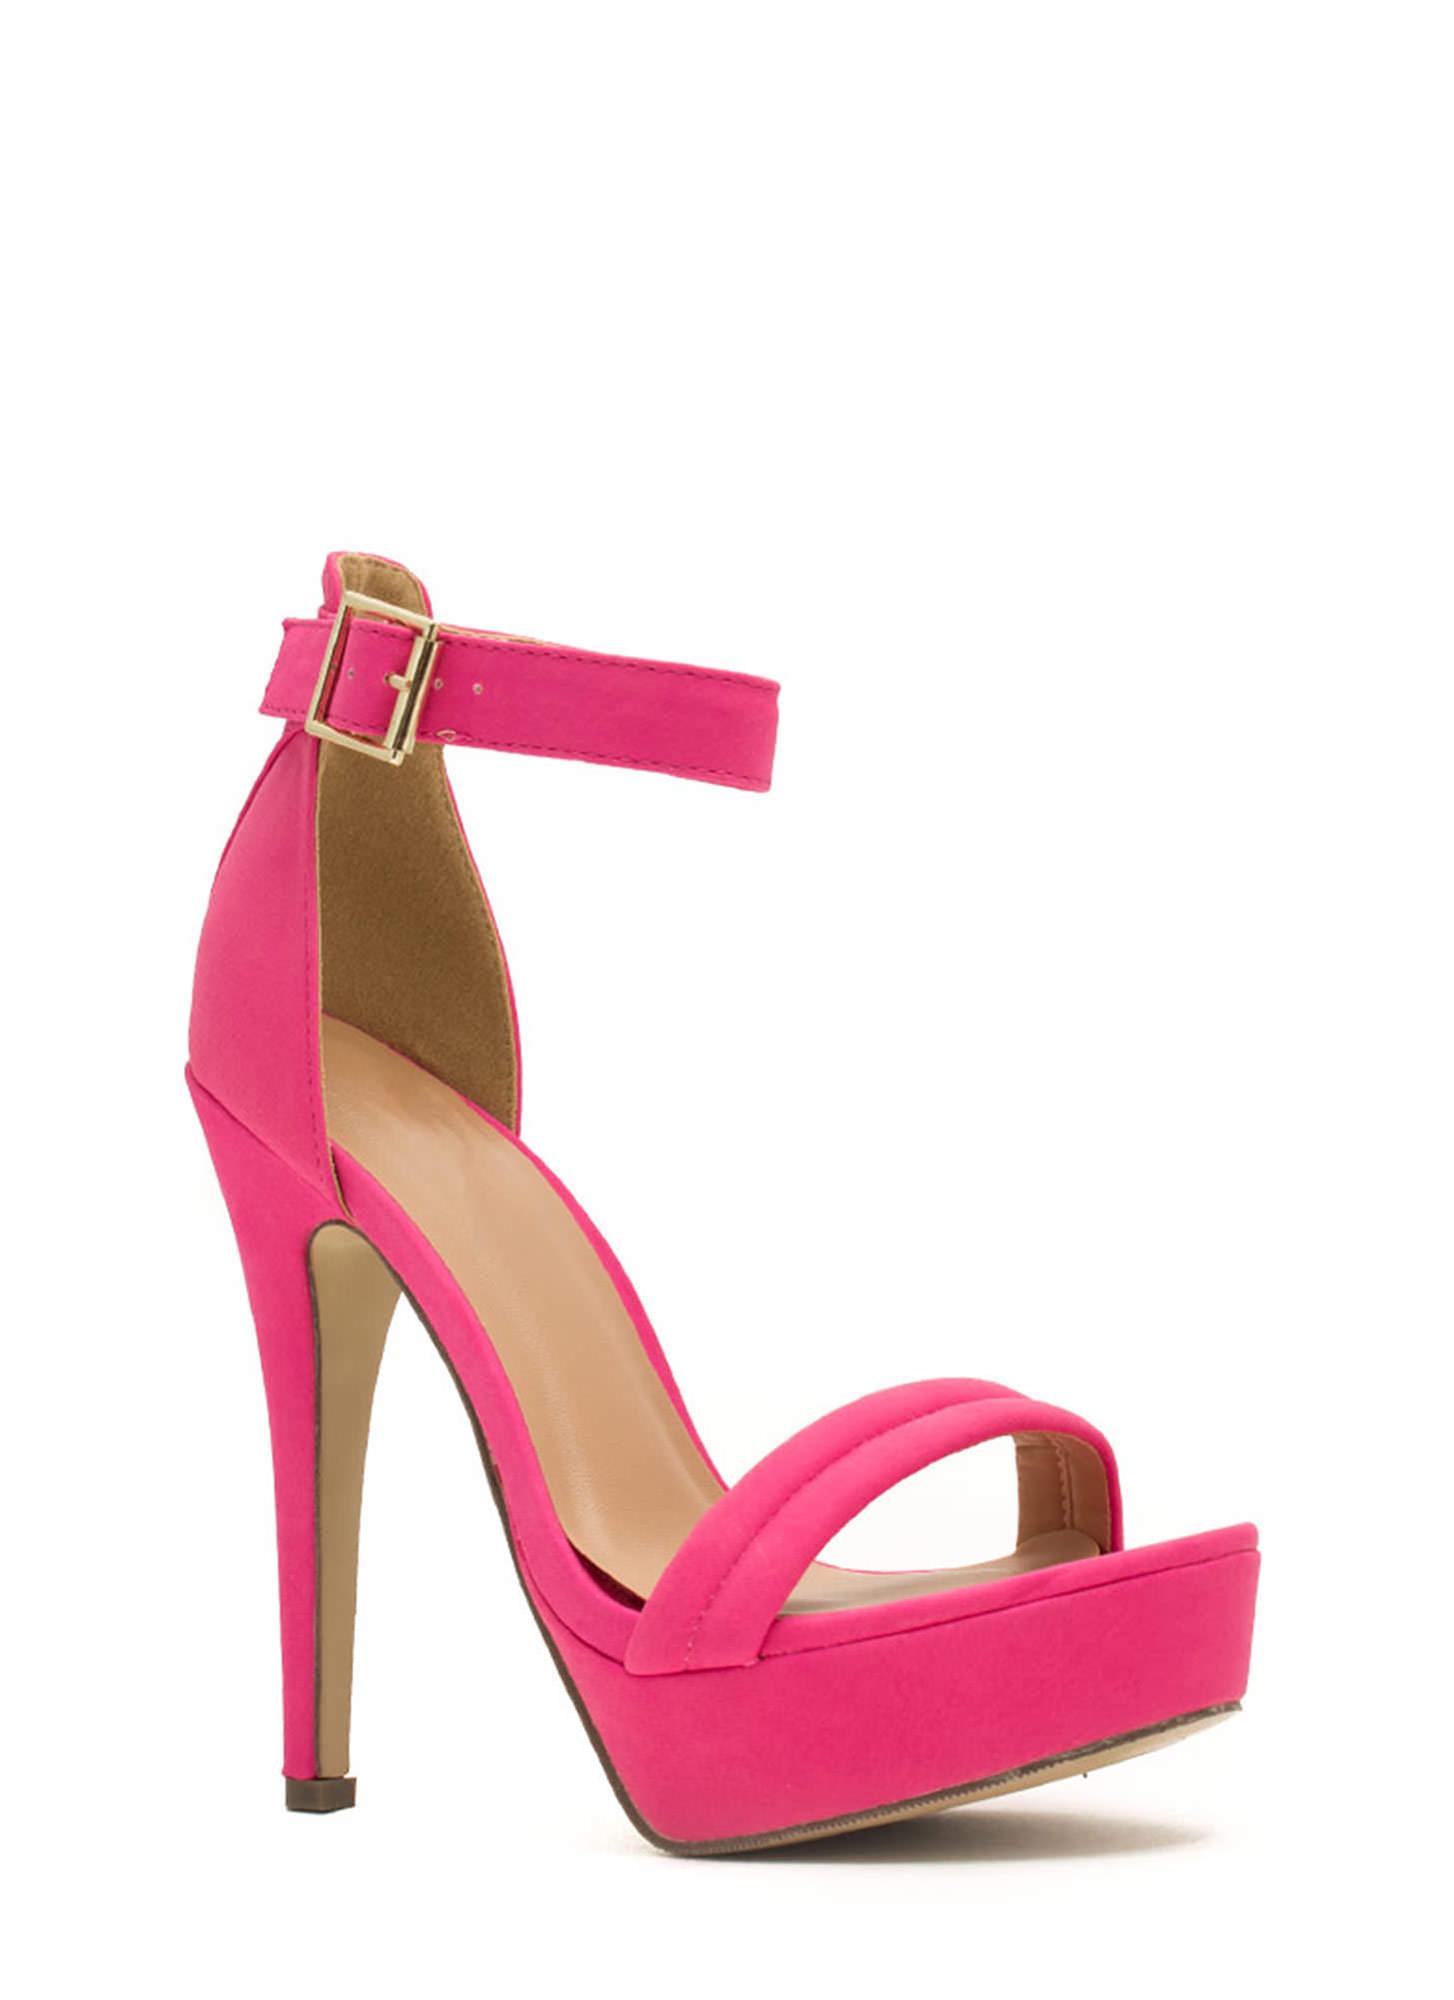 Fuschia Pink Platform Heels